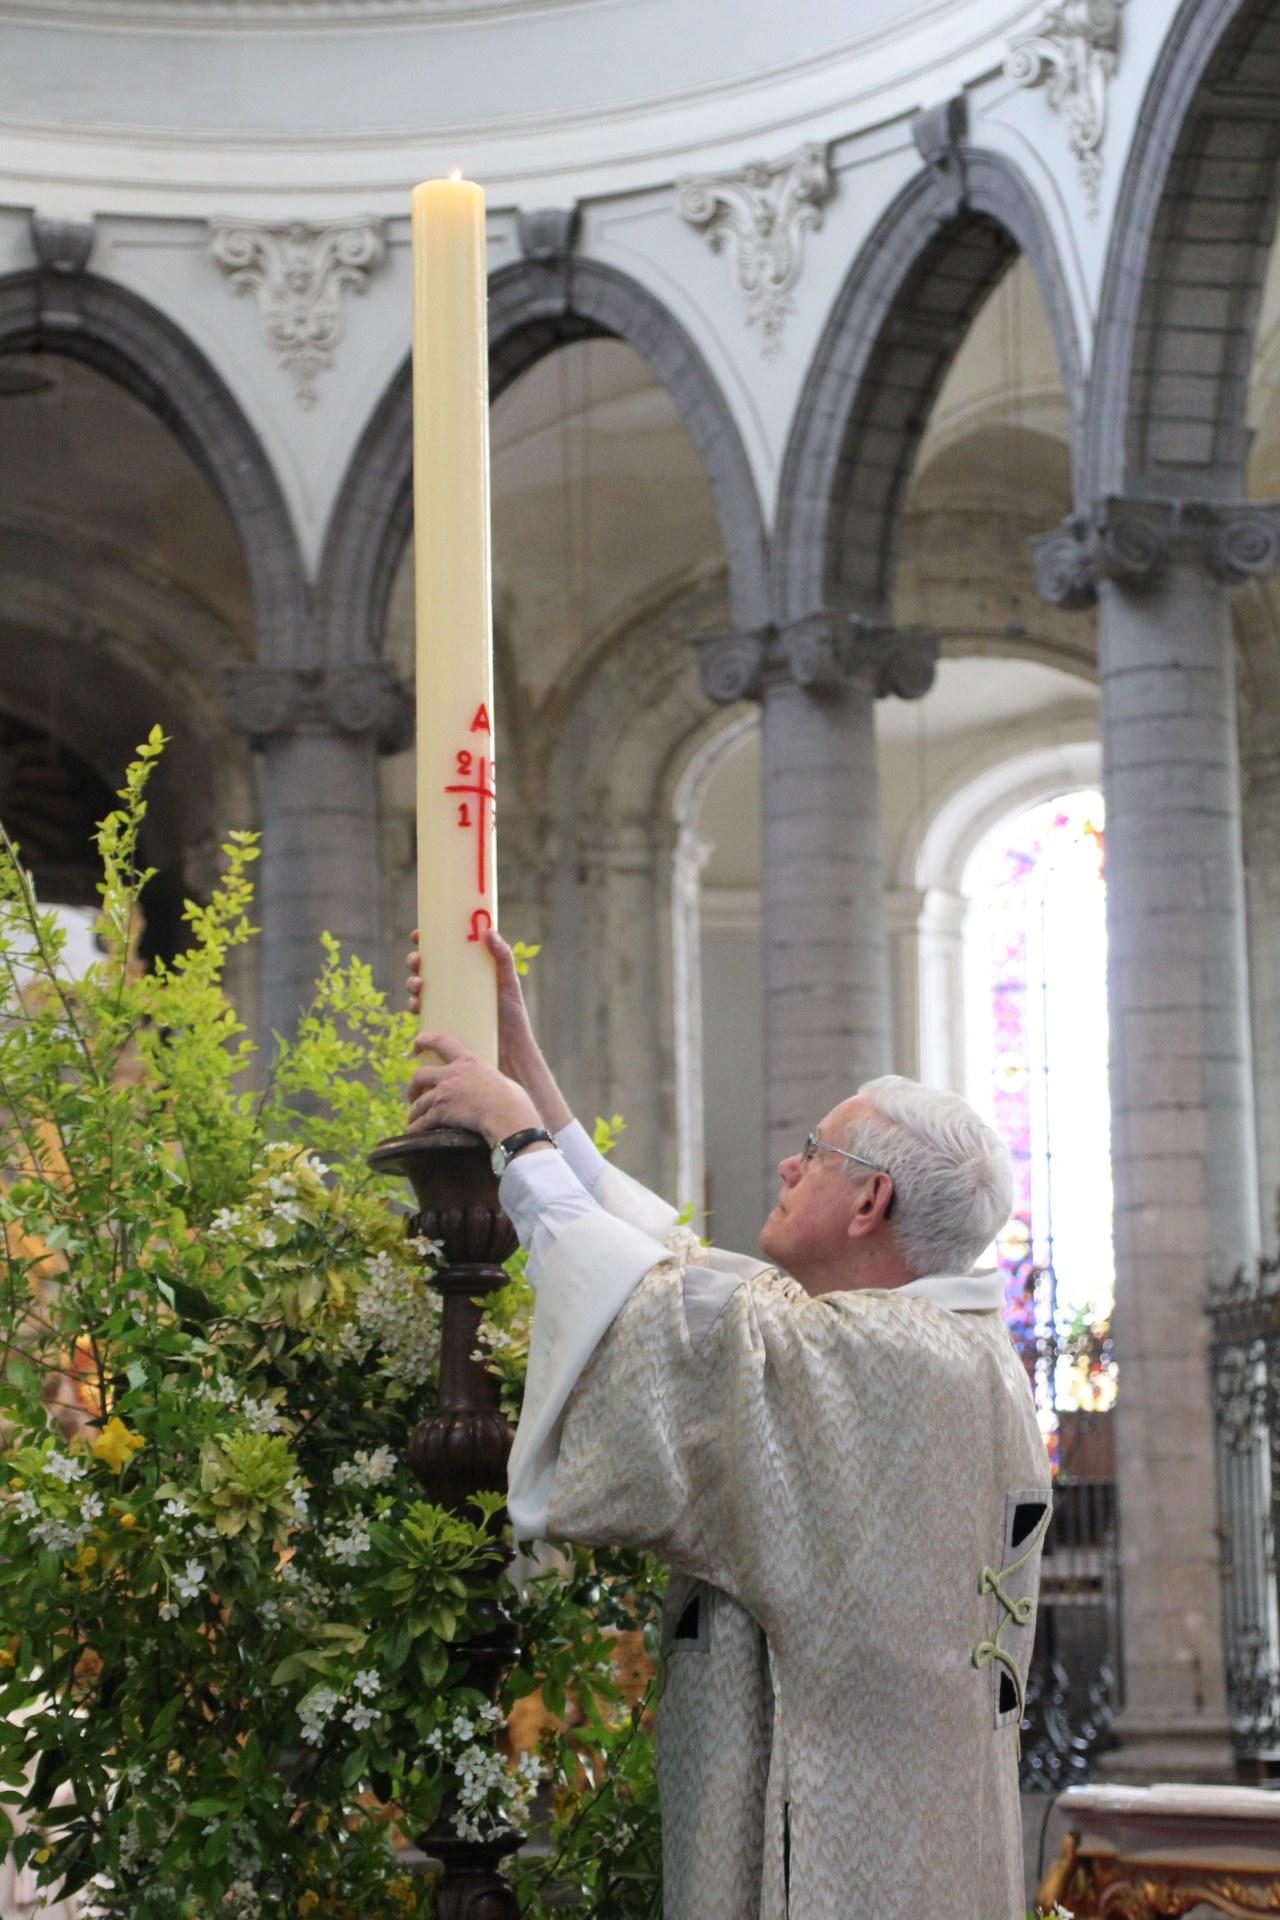 Installation du cierge pascal.